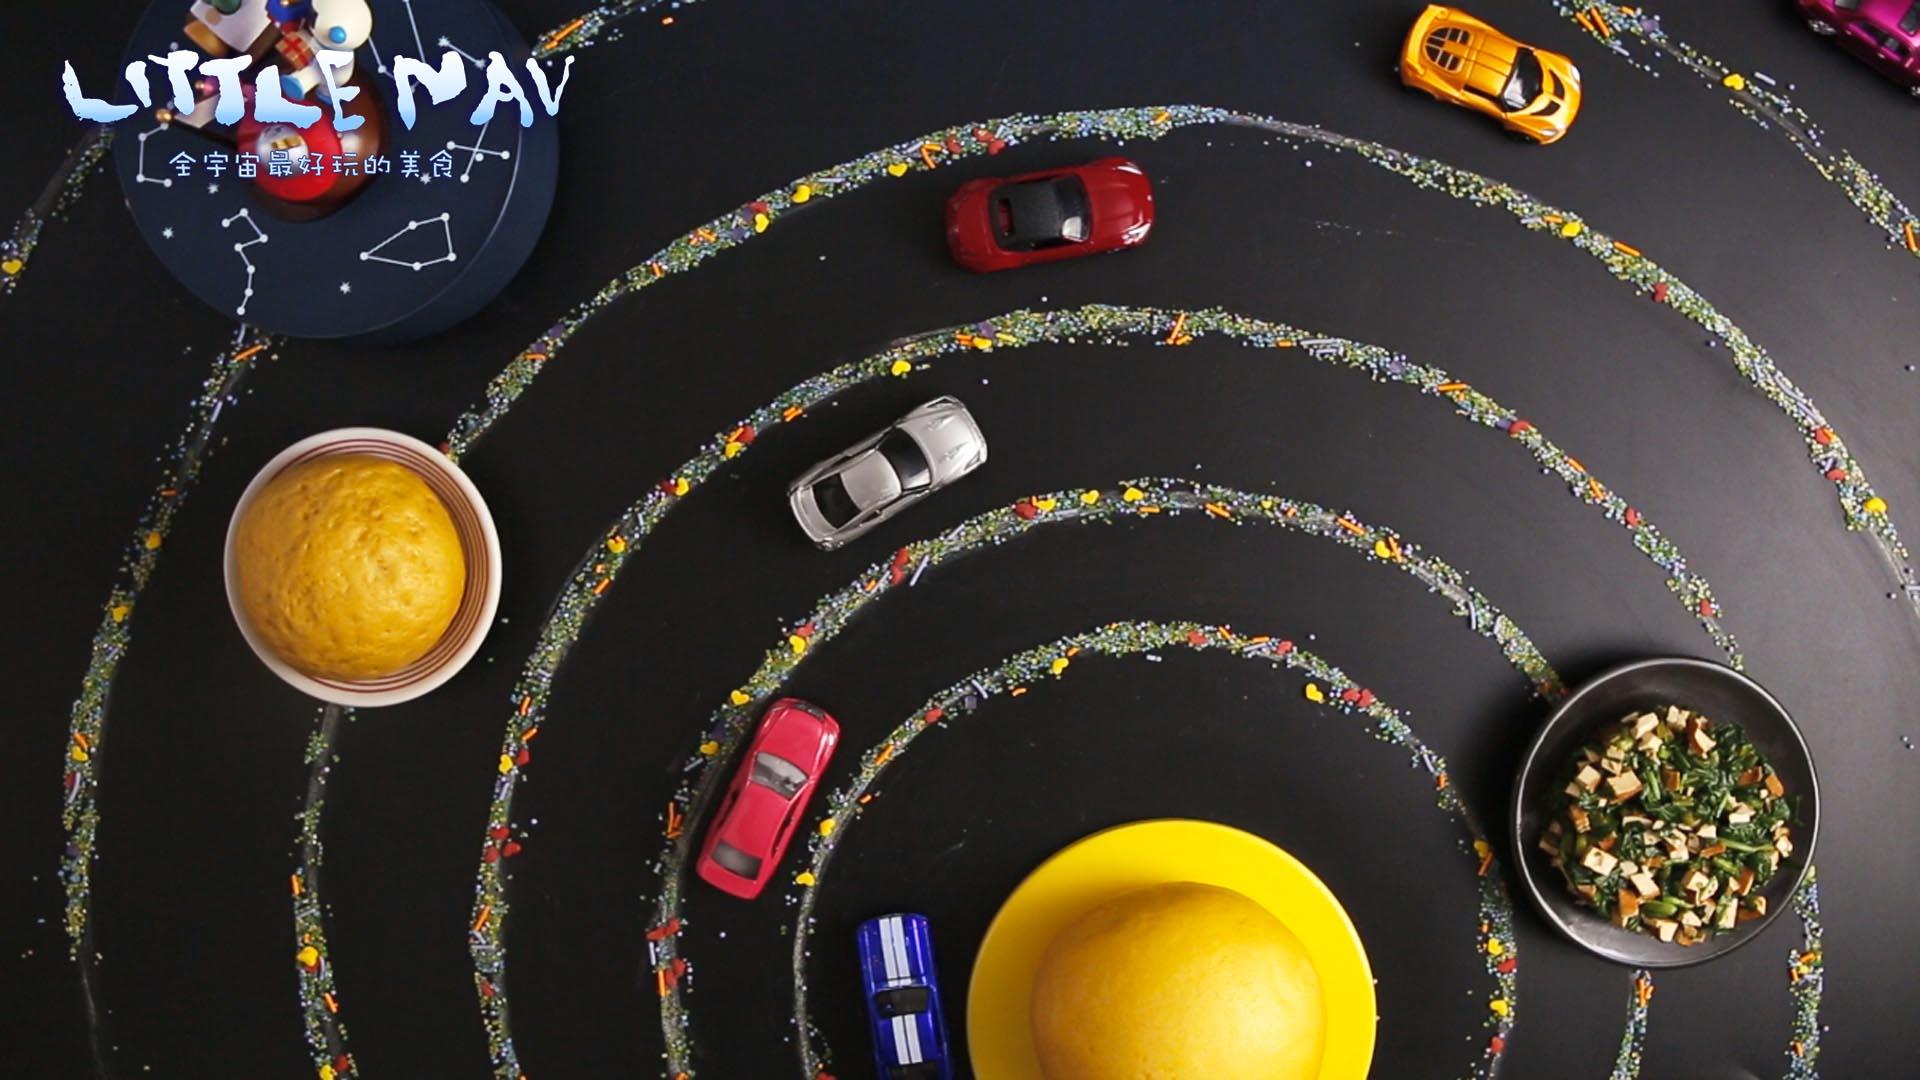 南瓜馒头的故事——土星环上赛车的速度与激情